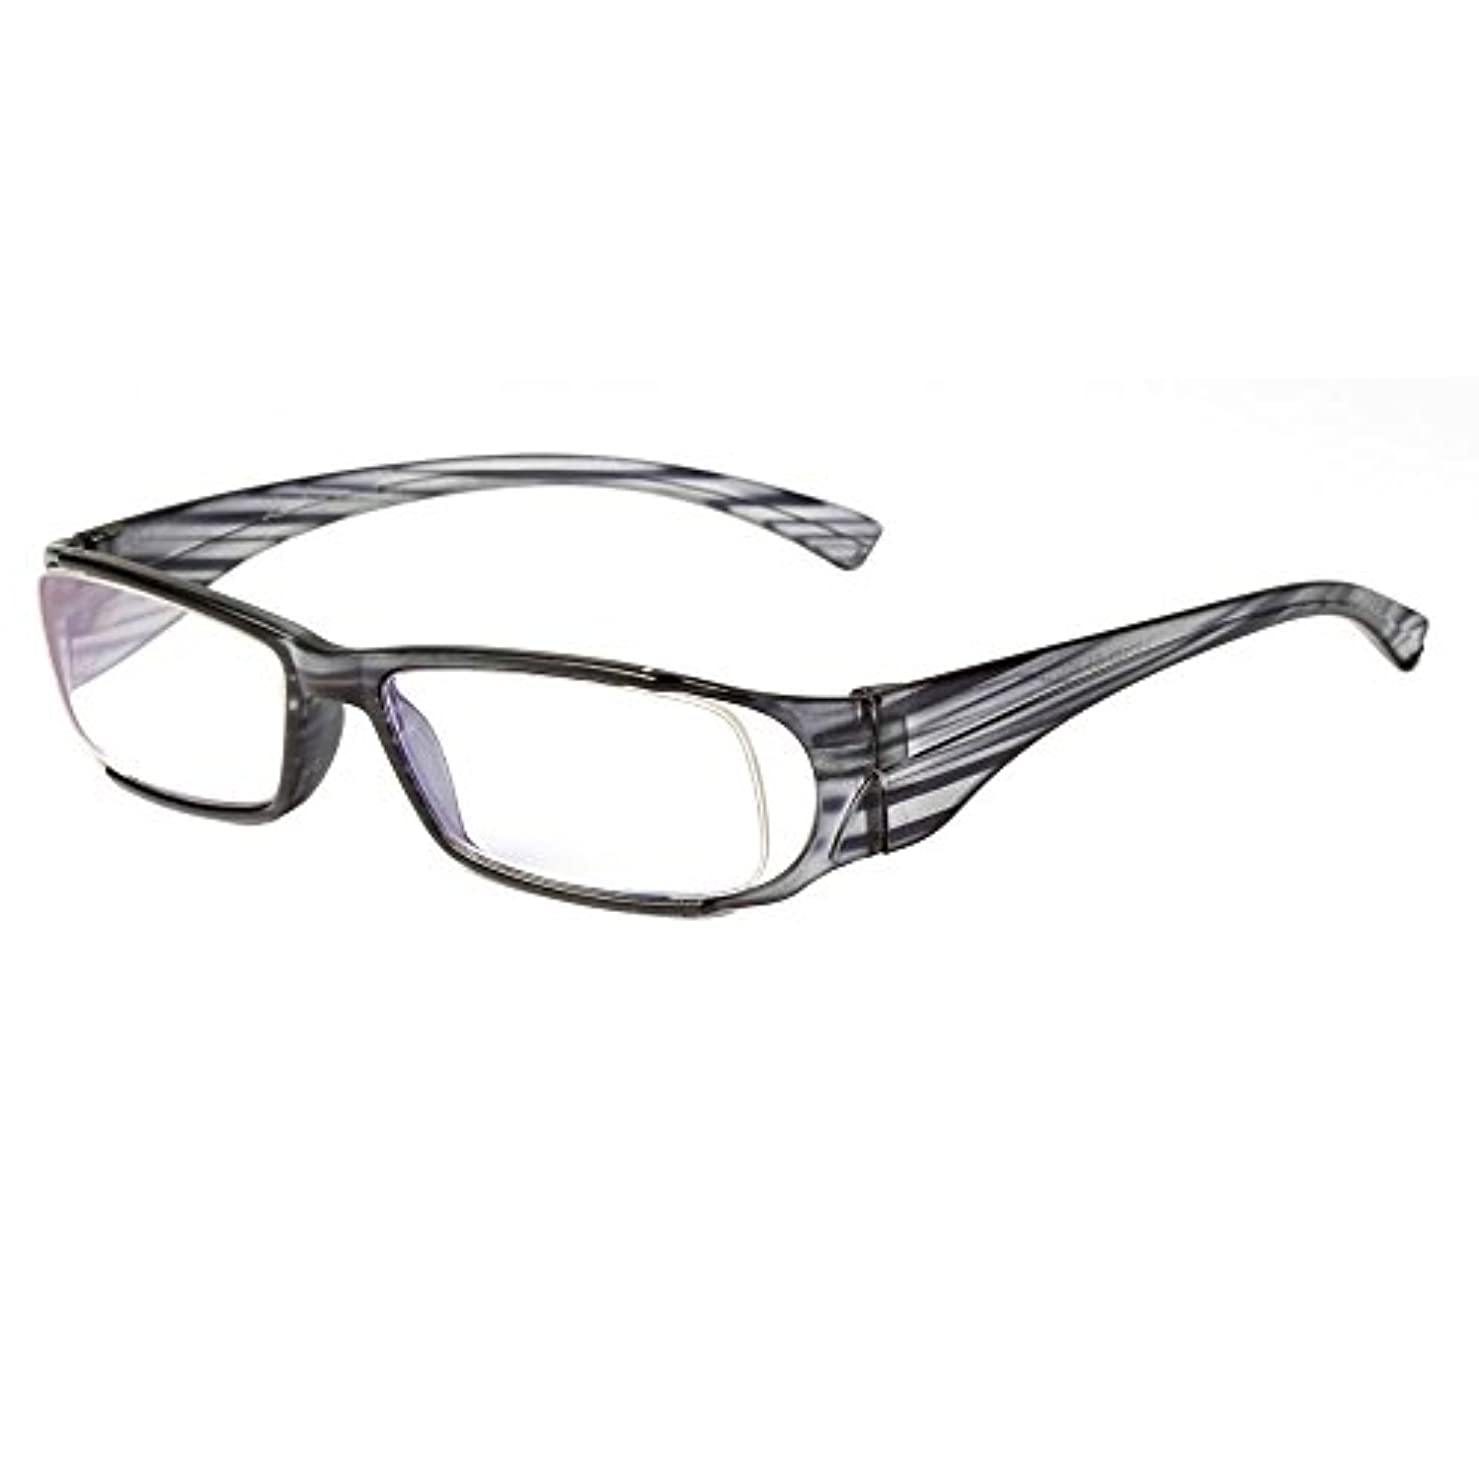 (レンサン) LianSan老眼鏡 軽量 ストライプ メンズ レディース 男性 女性 おしゃれ リーディンググラス シニアグラス 老眼鏡 L3216 (+1.50, グレー) …